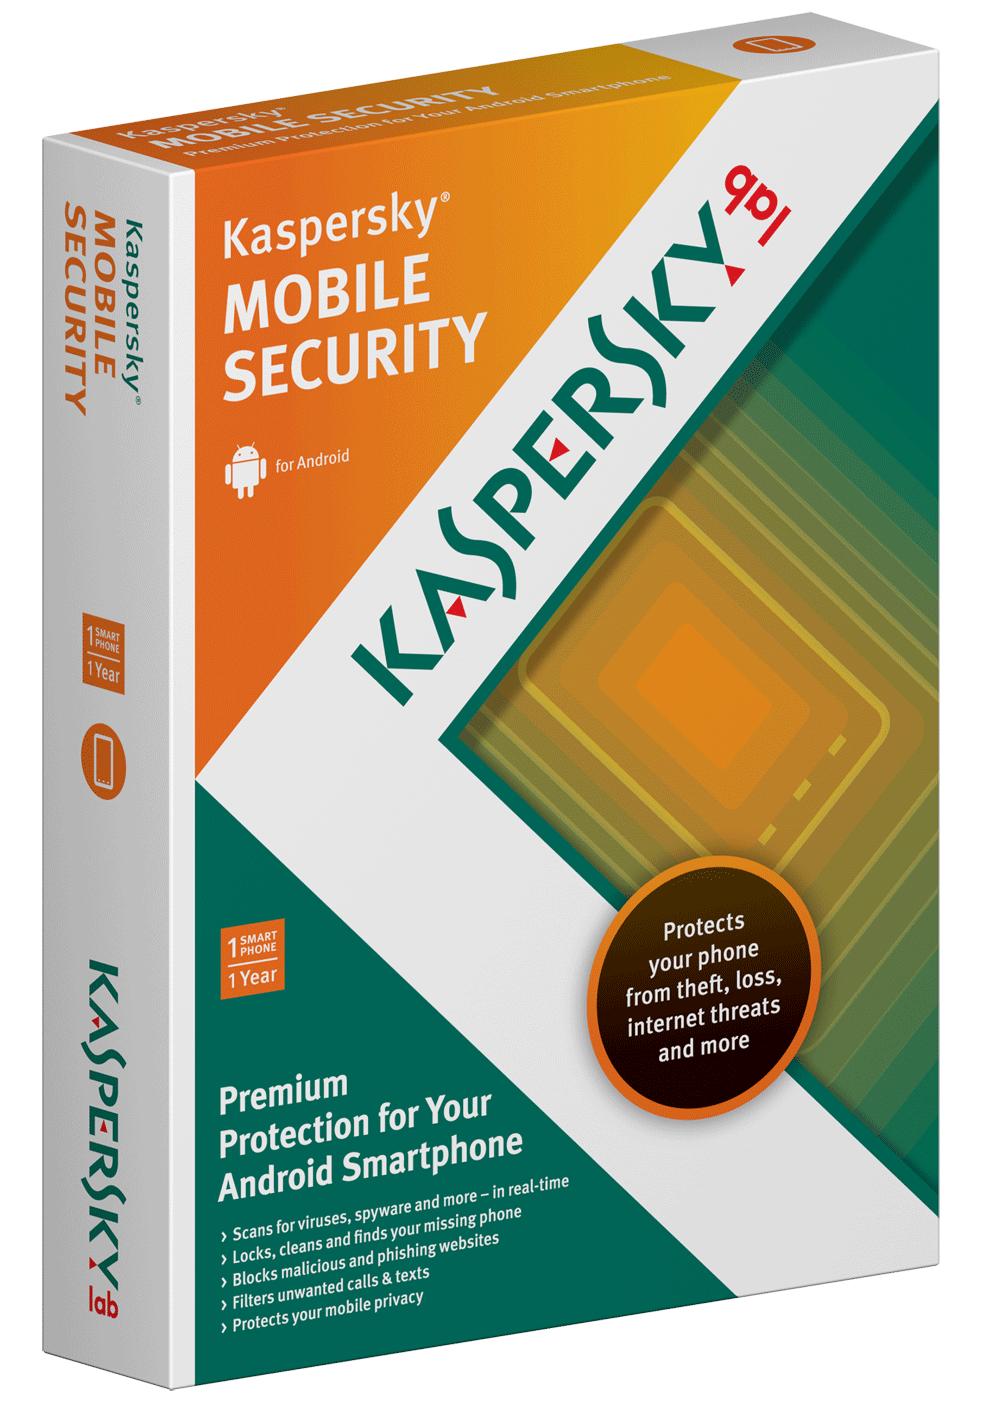 دانلود رایگان برنامه Kaspersky Mobile Security v11.14.4.929 - آنتی ویروس قدرتمند کسپرسکی برای اندروید